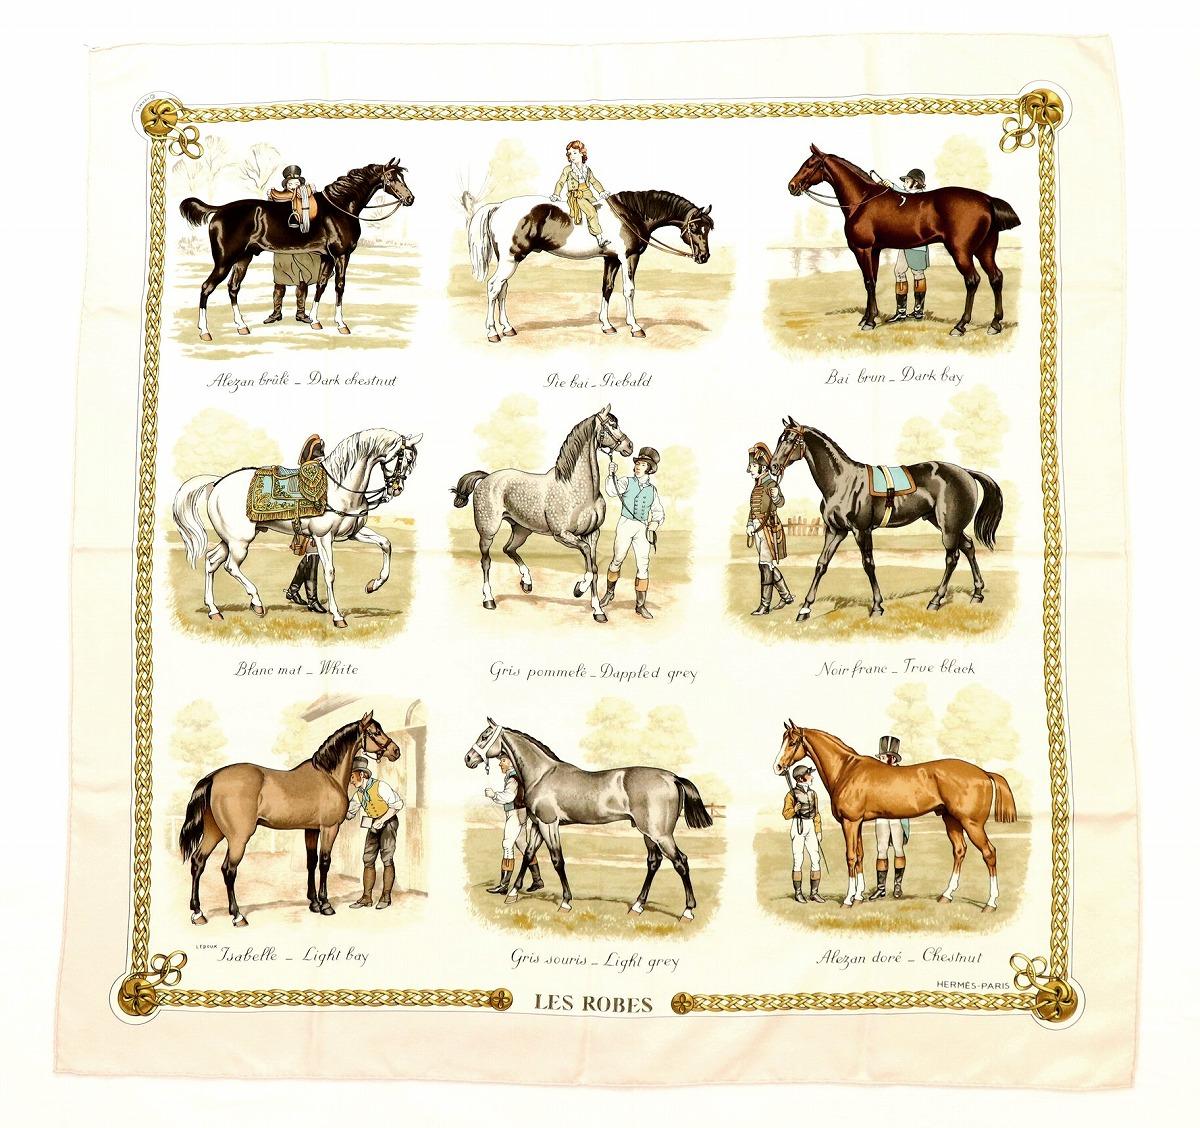 【アパレル】HERMES エルメス カレ90 スカーフ 大判スカーフ LES ROBES『馬の毛色』シルク100% ピンク 【中古】【u】